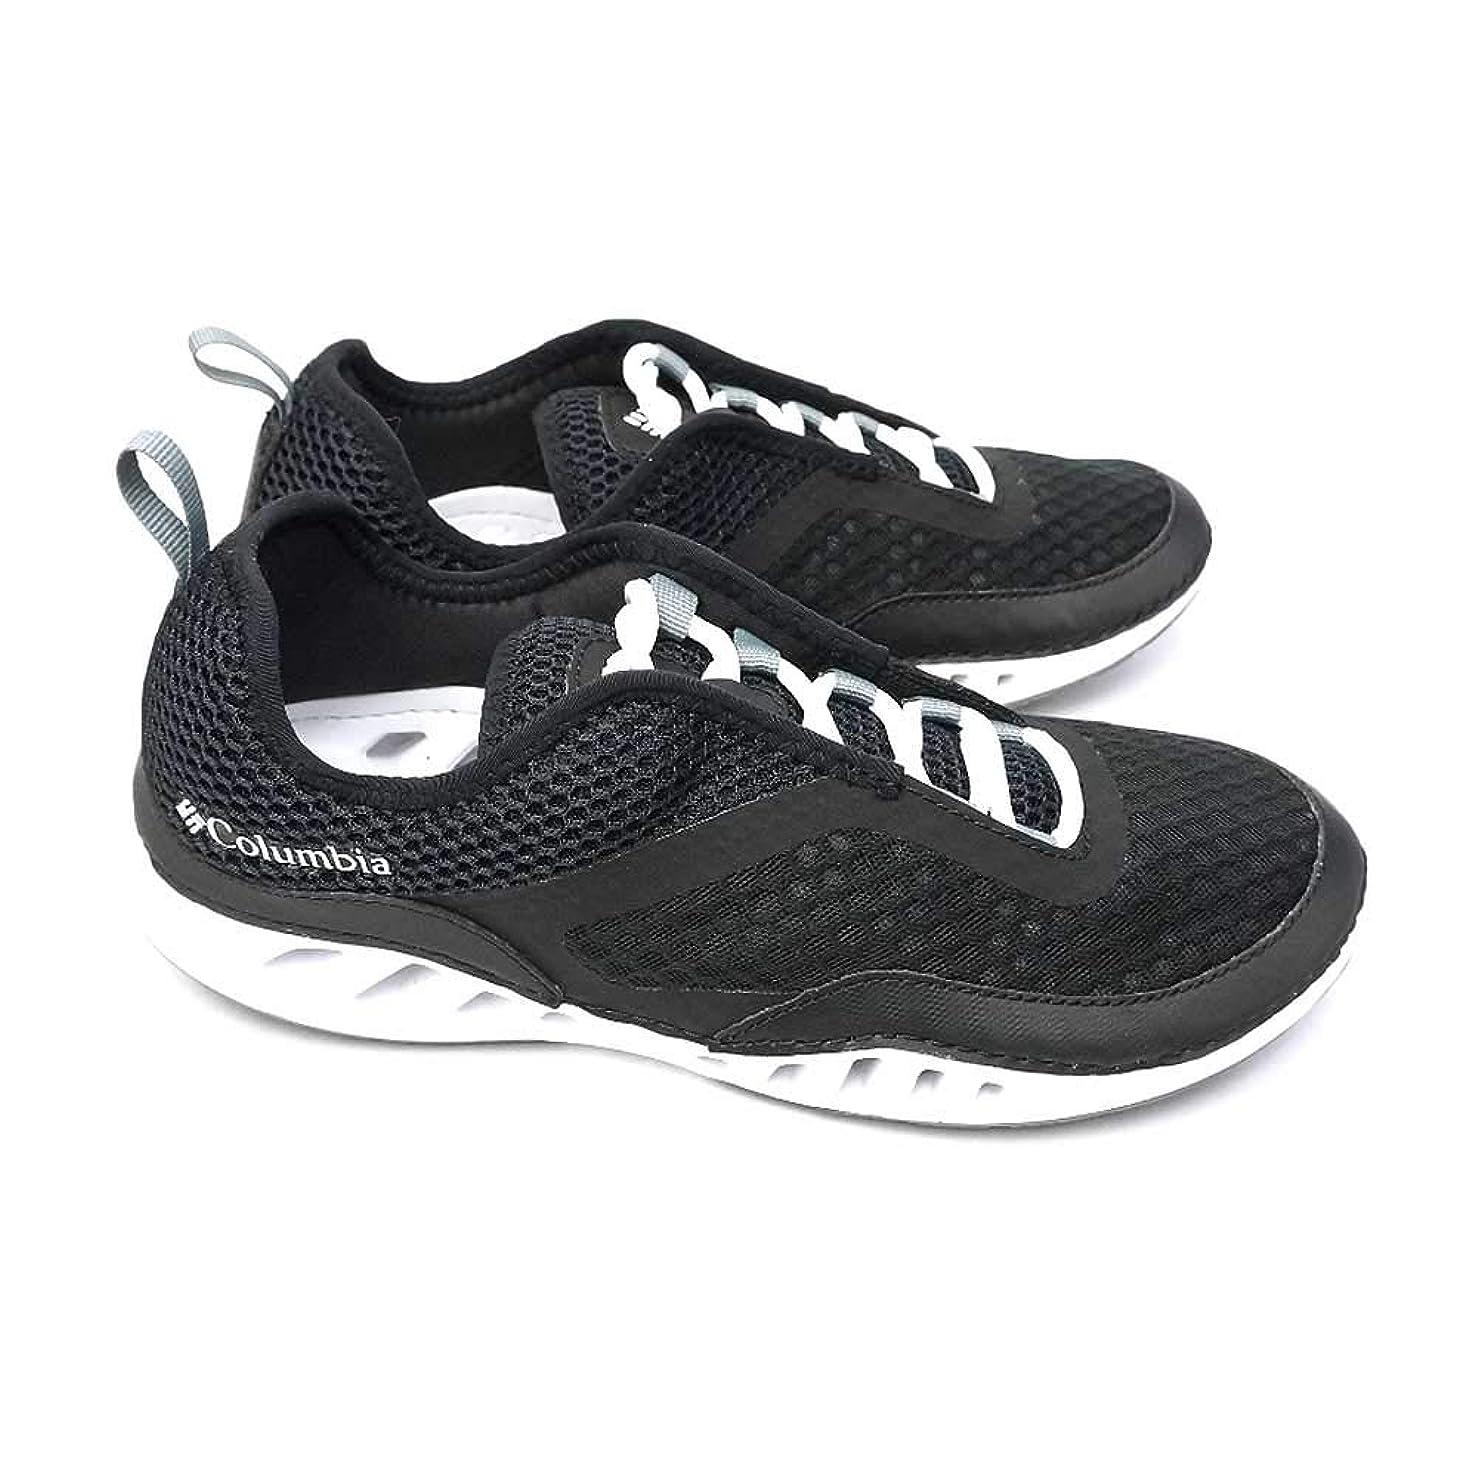 飾り羽論理的に保証する[コロンビア] スニーカー メンズ 靴 BM4690 夏 ドレインメーカー 3D ウォーターシューズ 水陸両用 アウトドア Drainmaker 3D